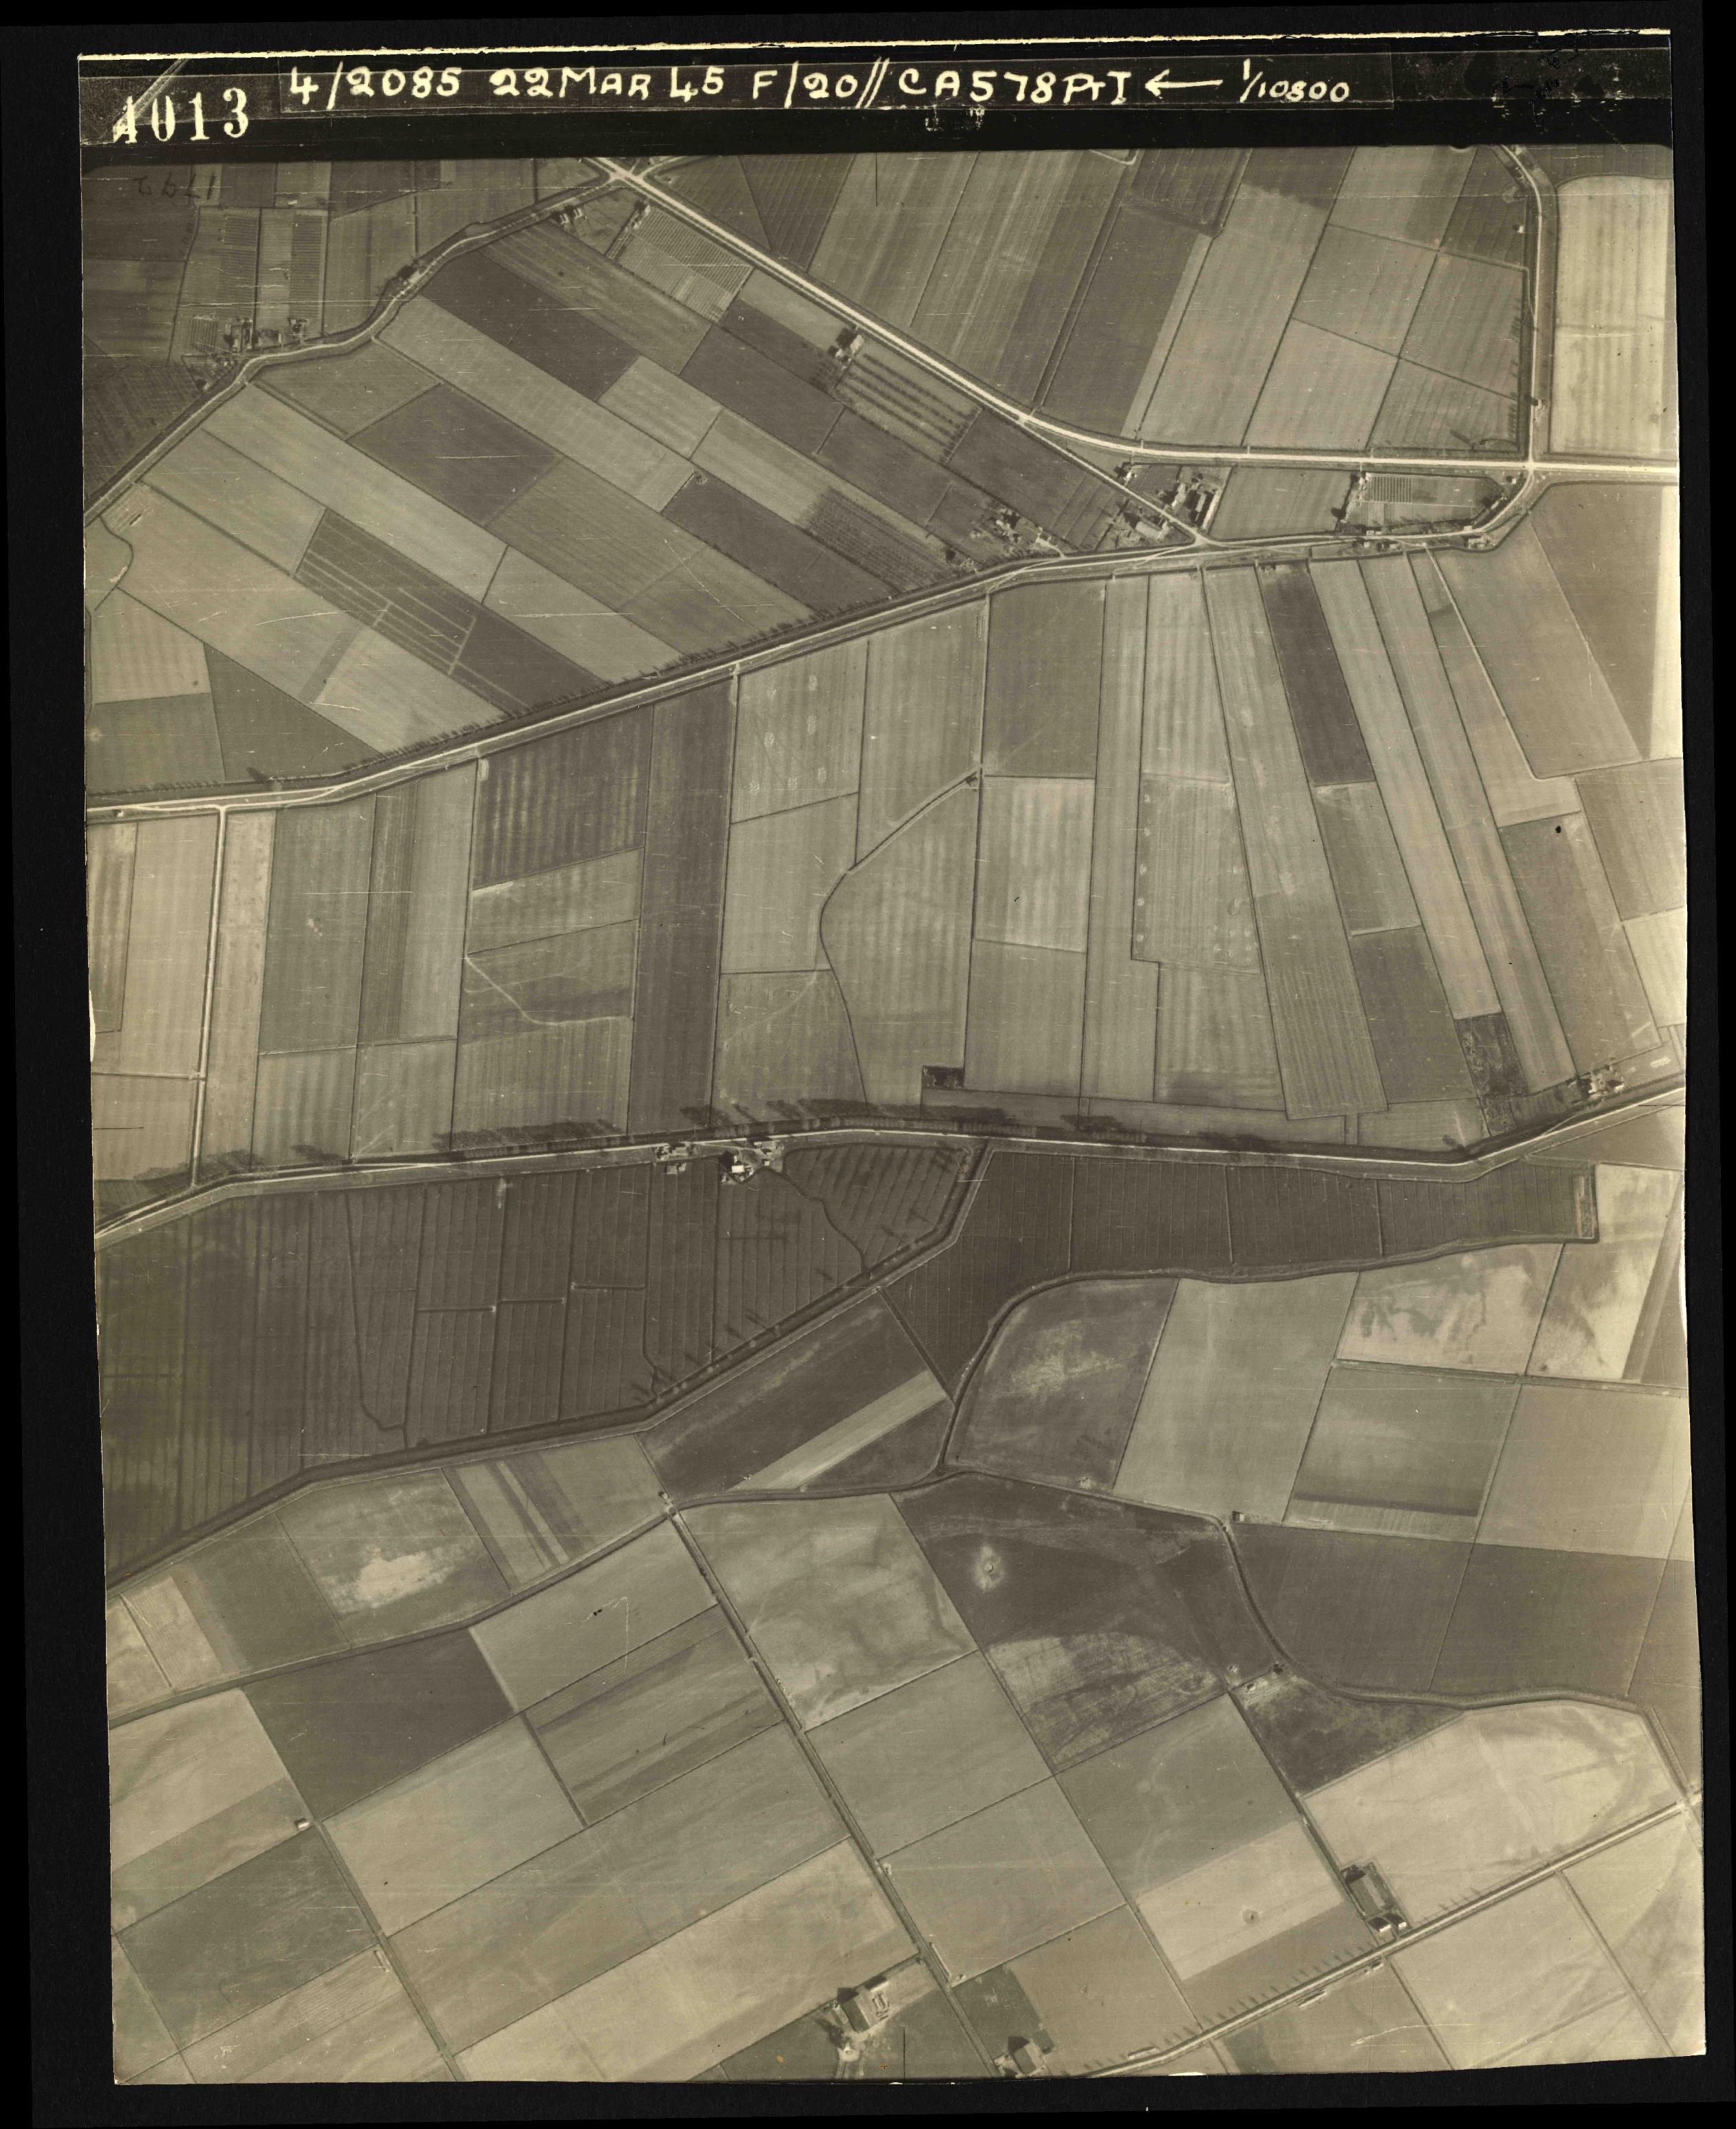 Collection RAF aerial photos 1940-1945 - flight 021, run 02, photo 4013